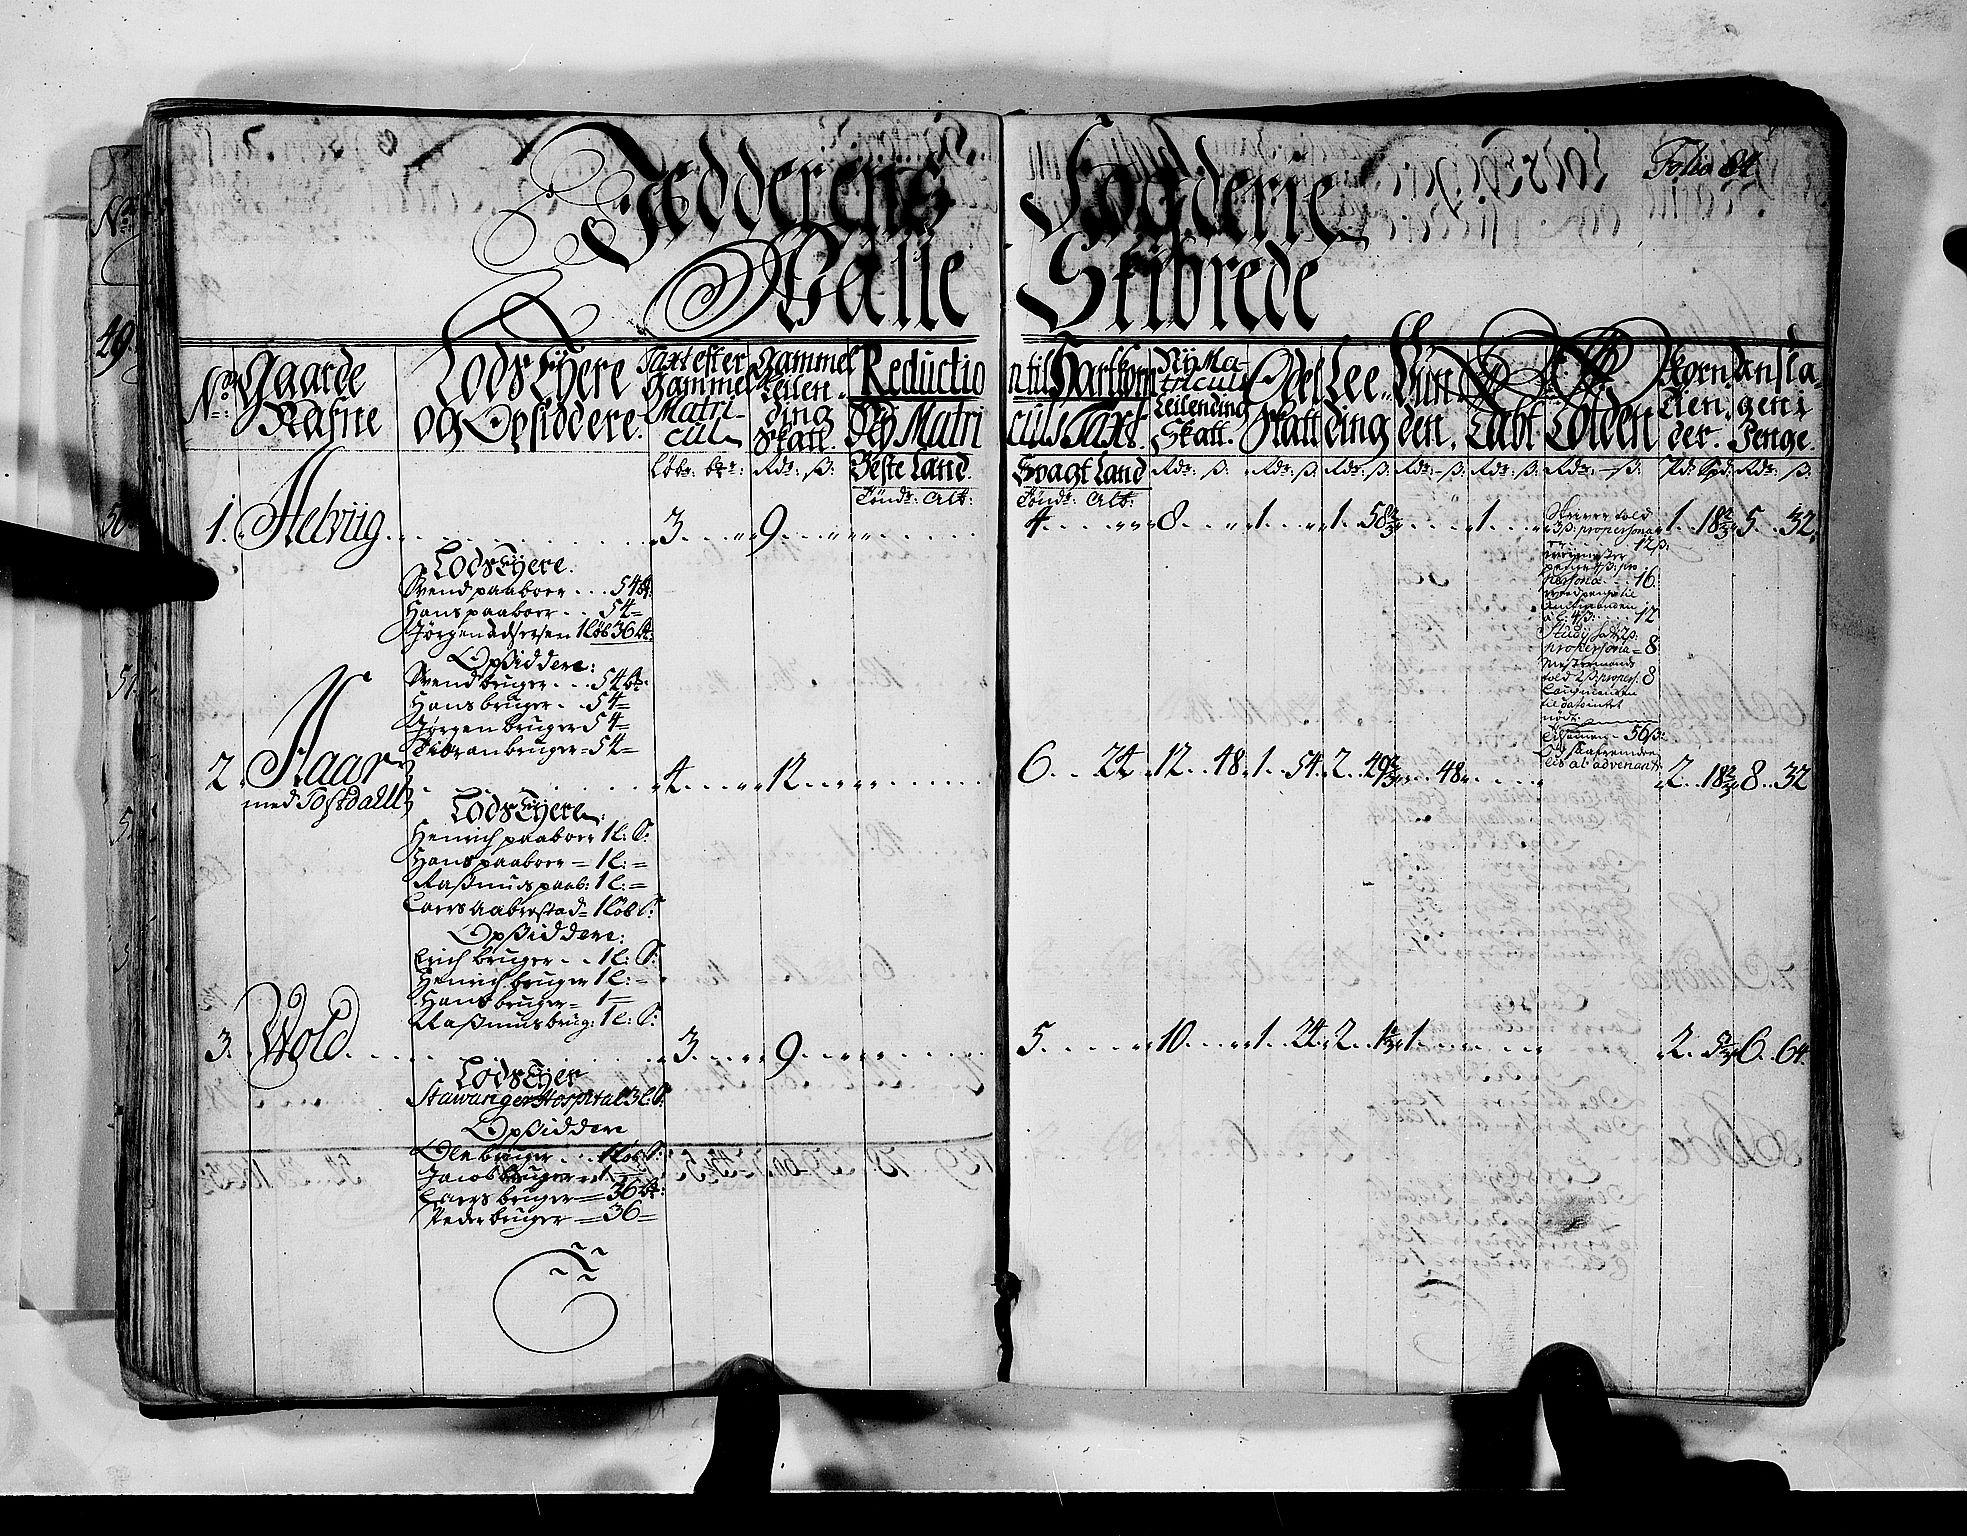 RA, Rentekammeret inntil 1814, Realistisk ordnet avdeling, N/Nb/Nbf/L0132: Jæren og Dalane matrikkelprotokoll, 1723, s. 83b-84a